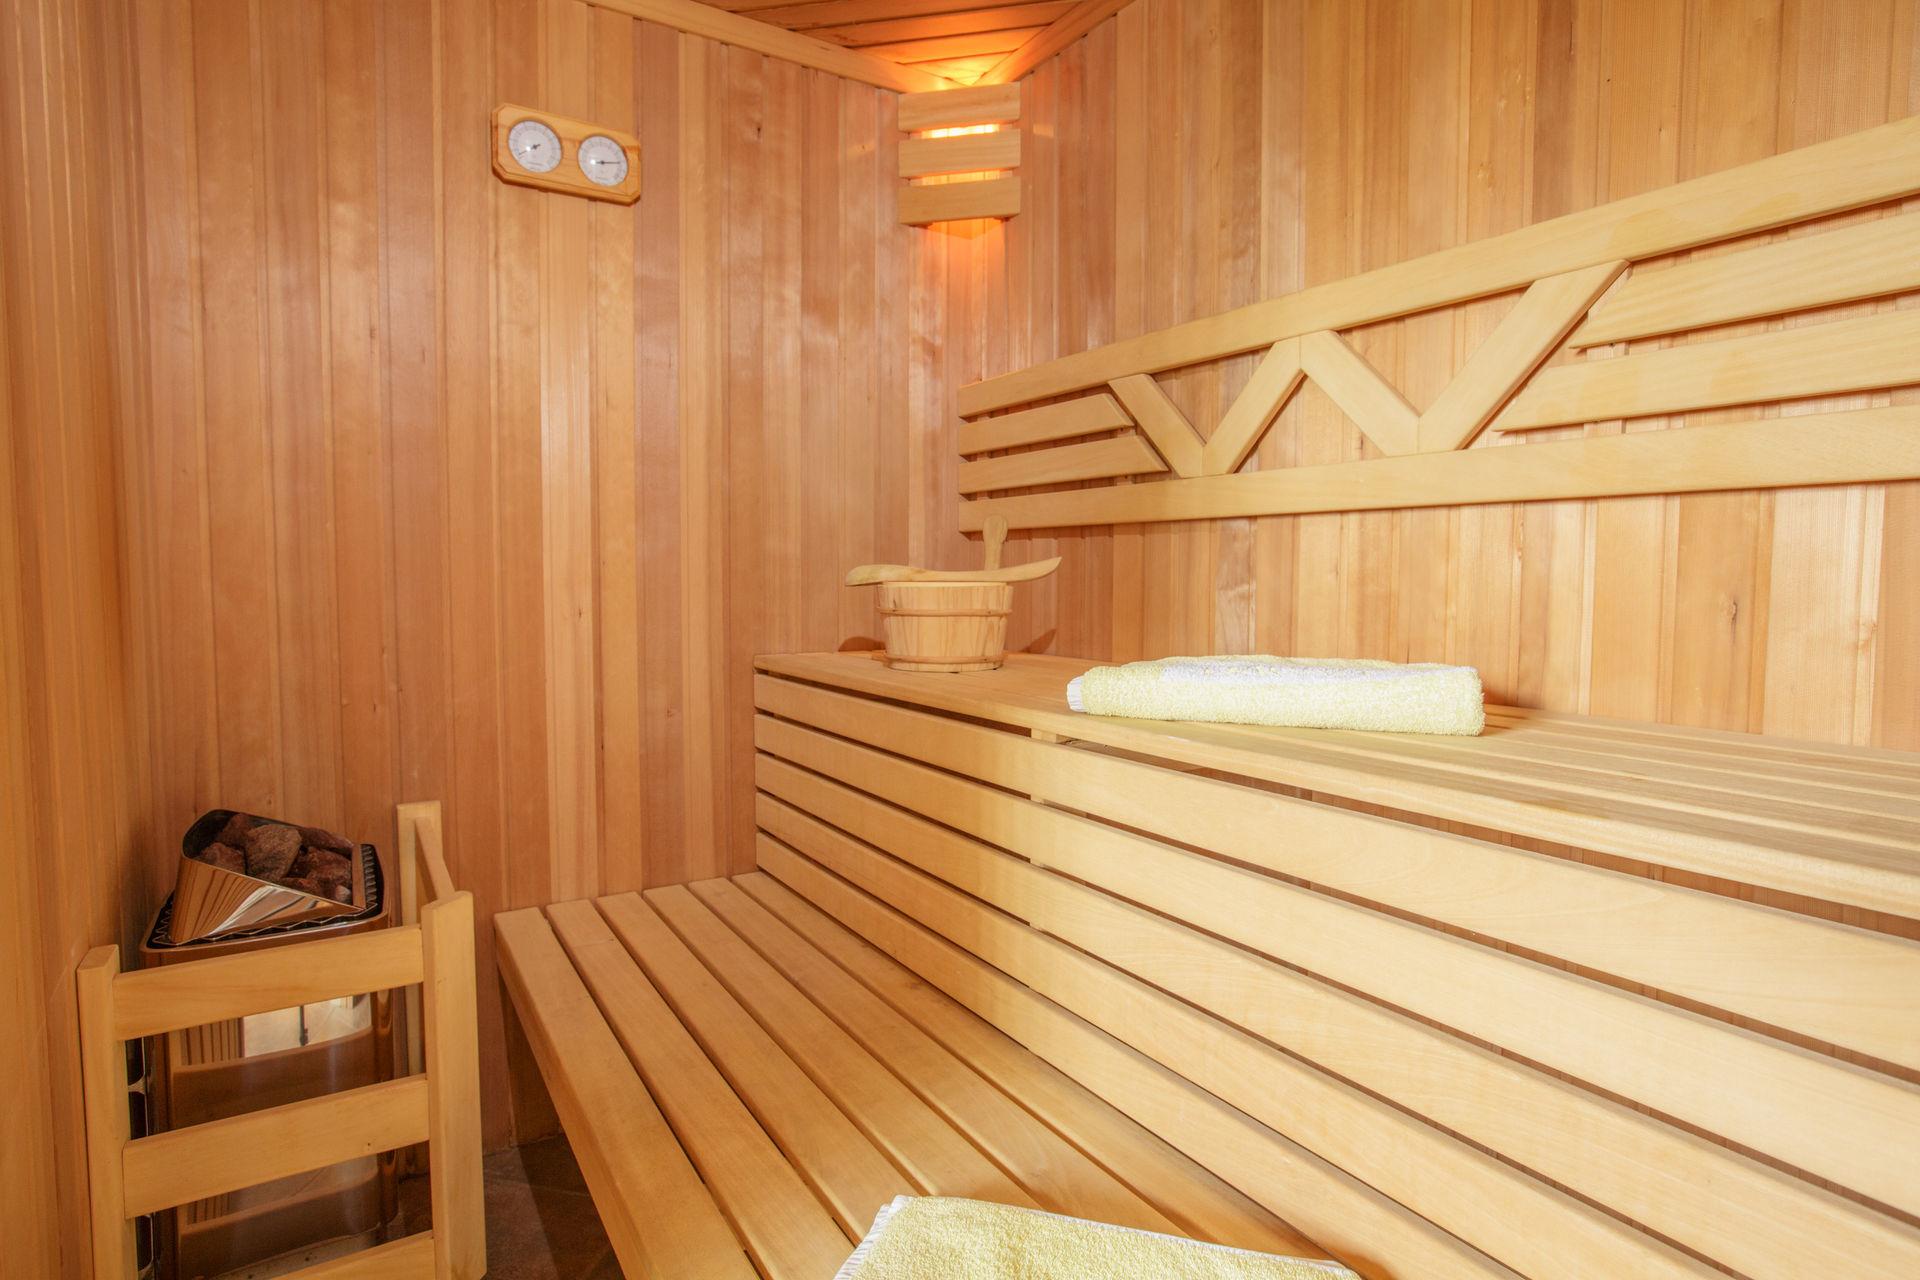 Vakantiehuisje met sauna en jacuzzi in de Achterhoek - Korenbloem